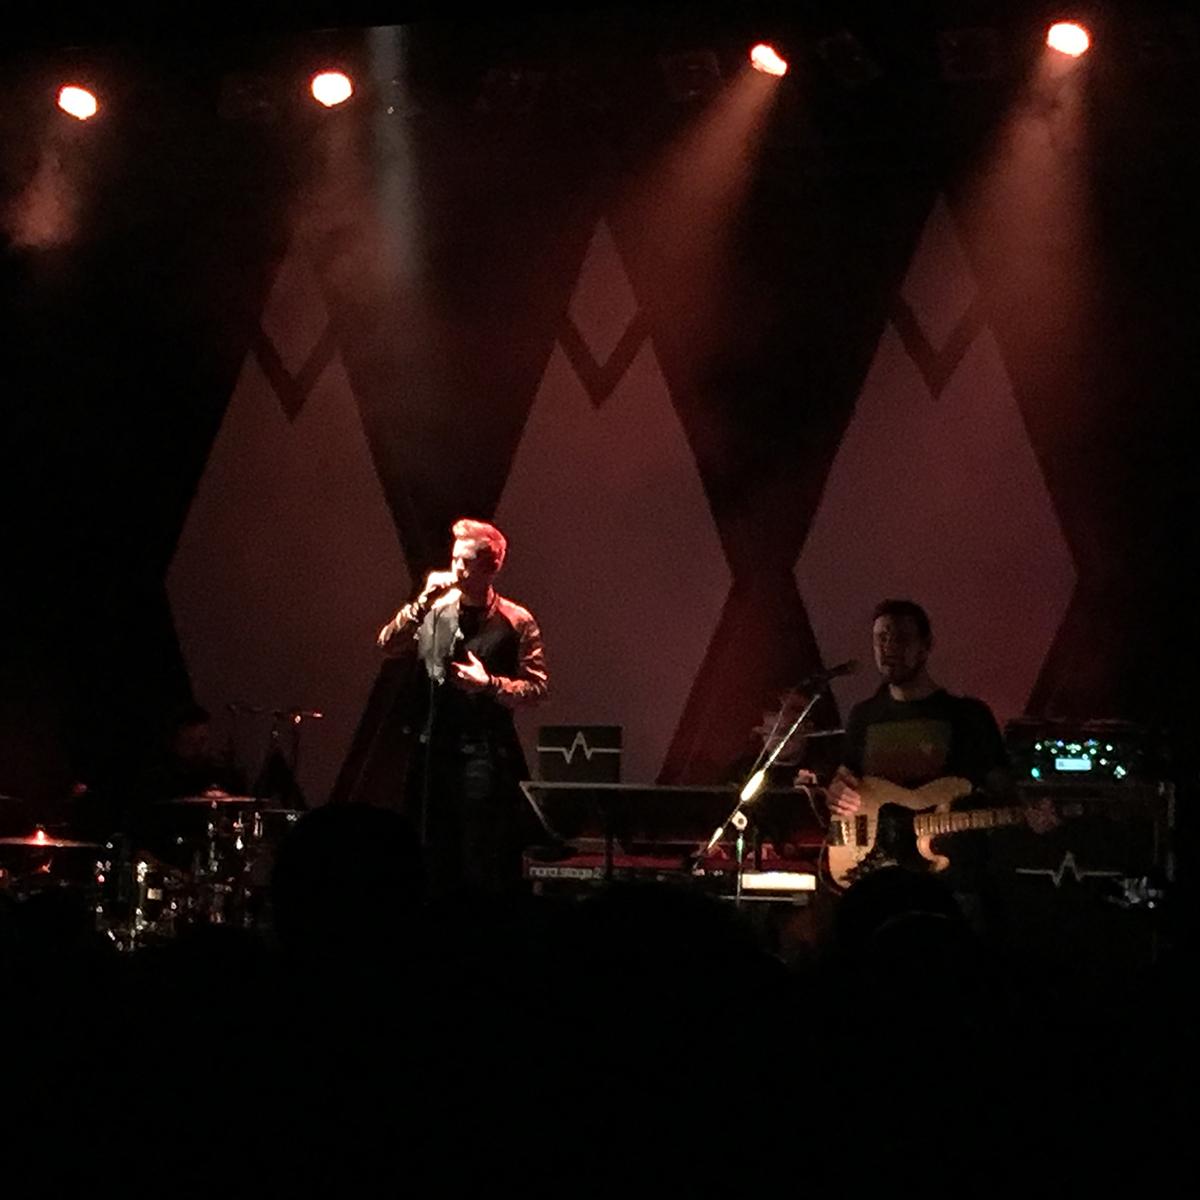 渋谷のWWWにて「KODALINE 」のライブに行ってきた。